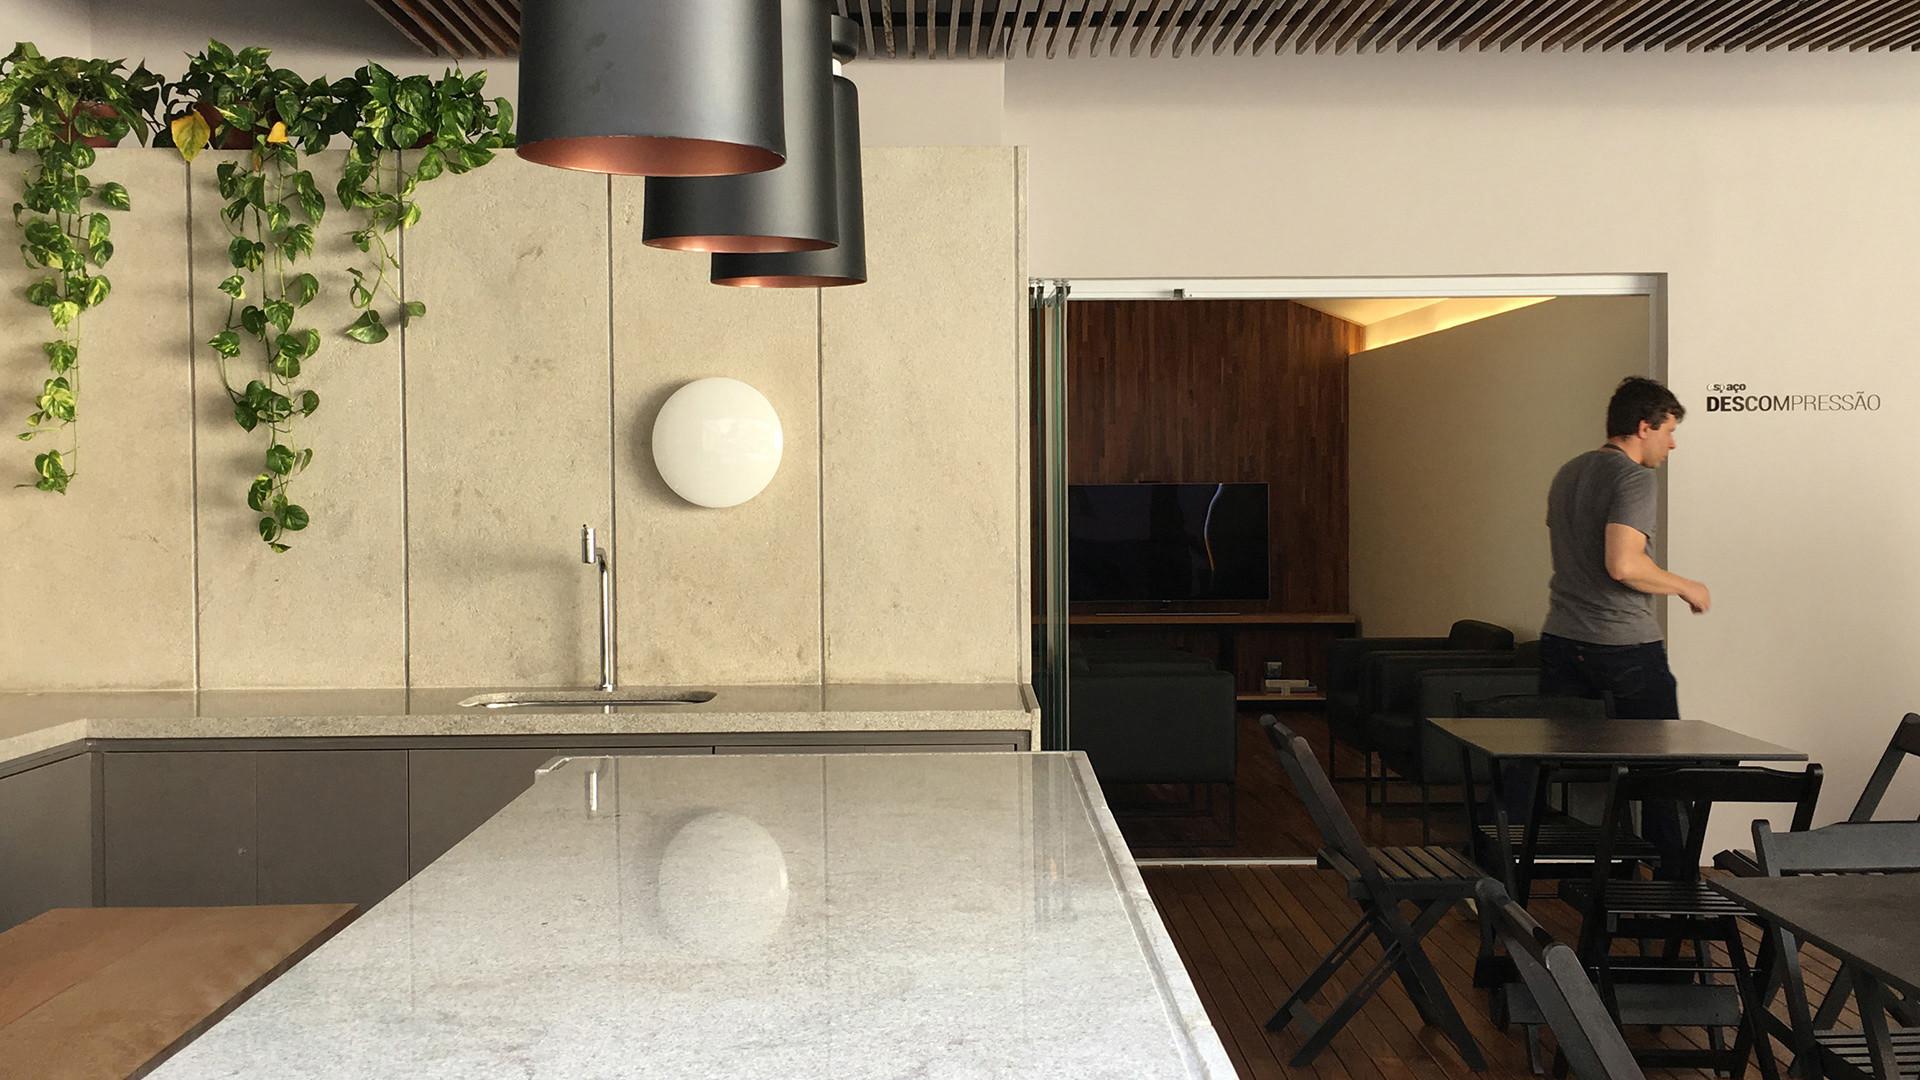 Espaço Descompressão - YVA Arquitetura 4